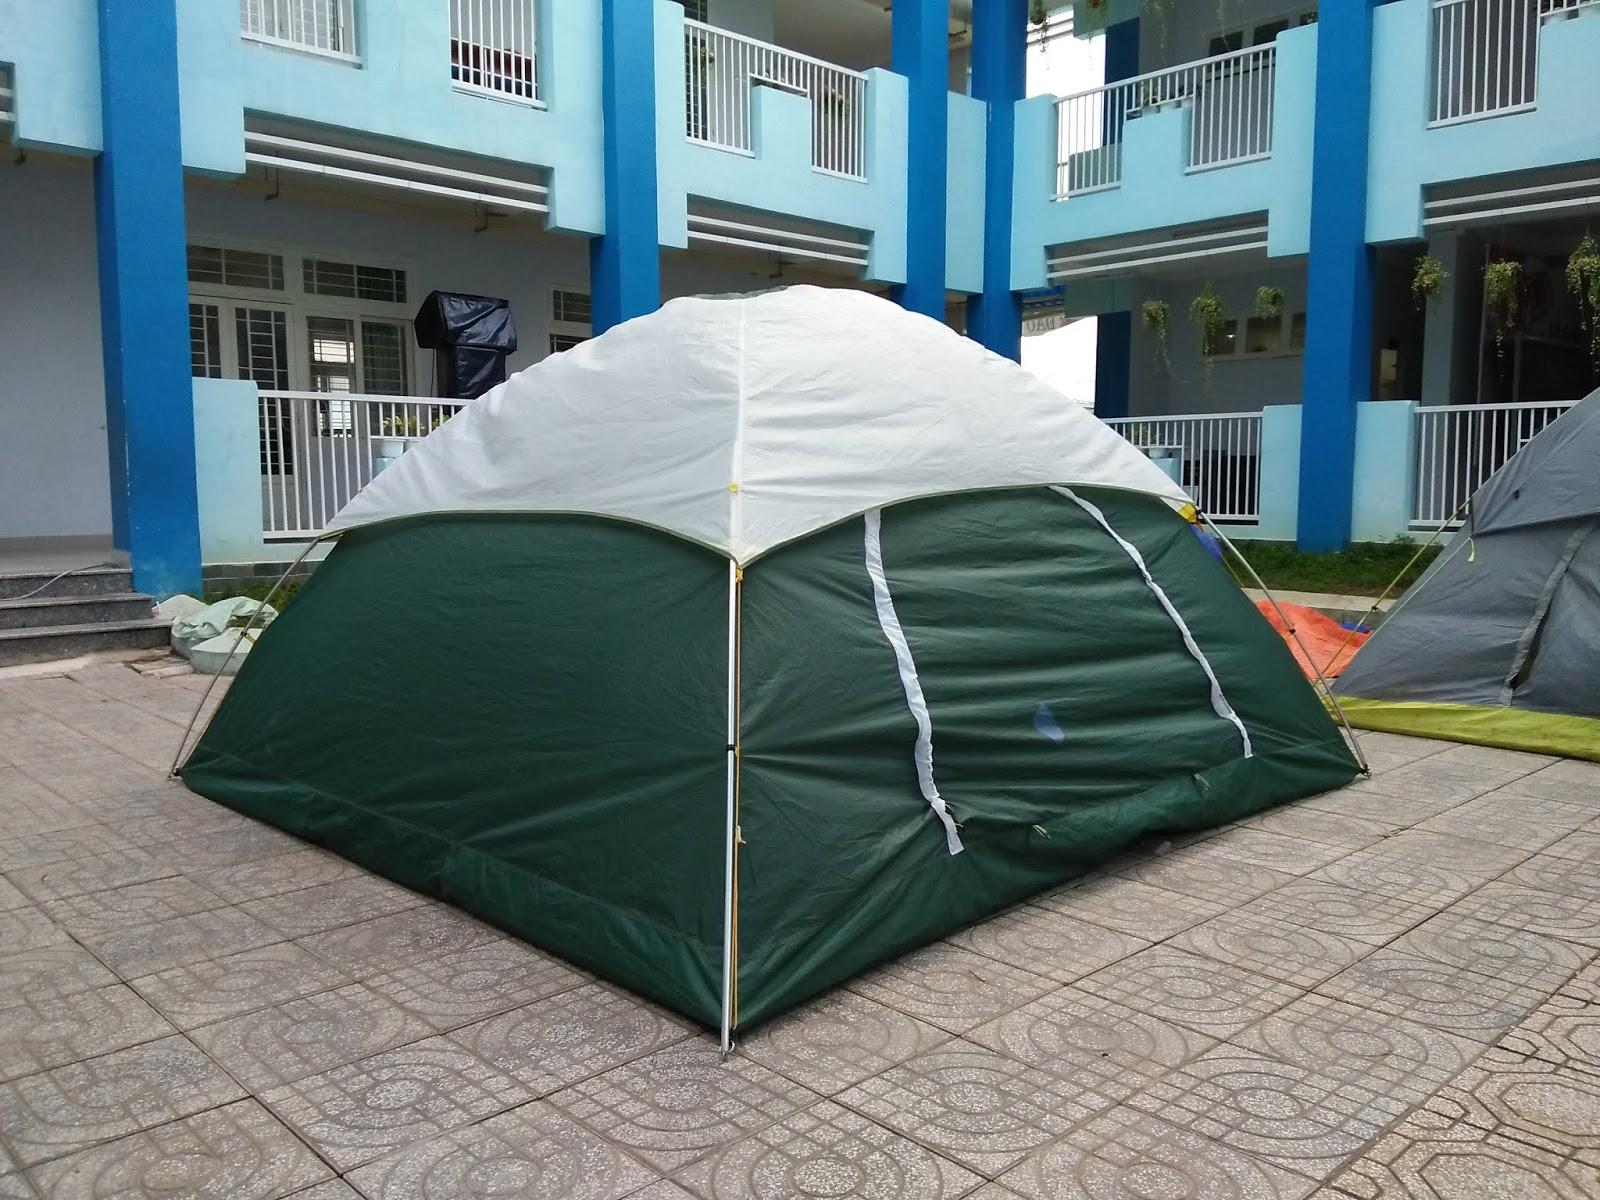 lều cắm trại 12 người tại Chuyên cho thuê